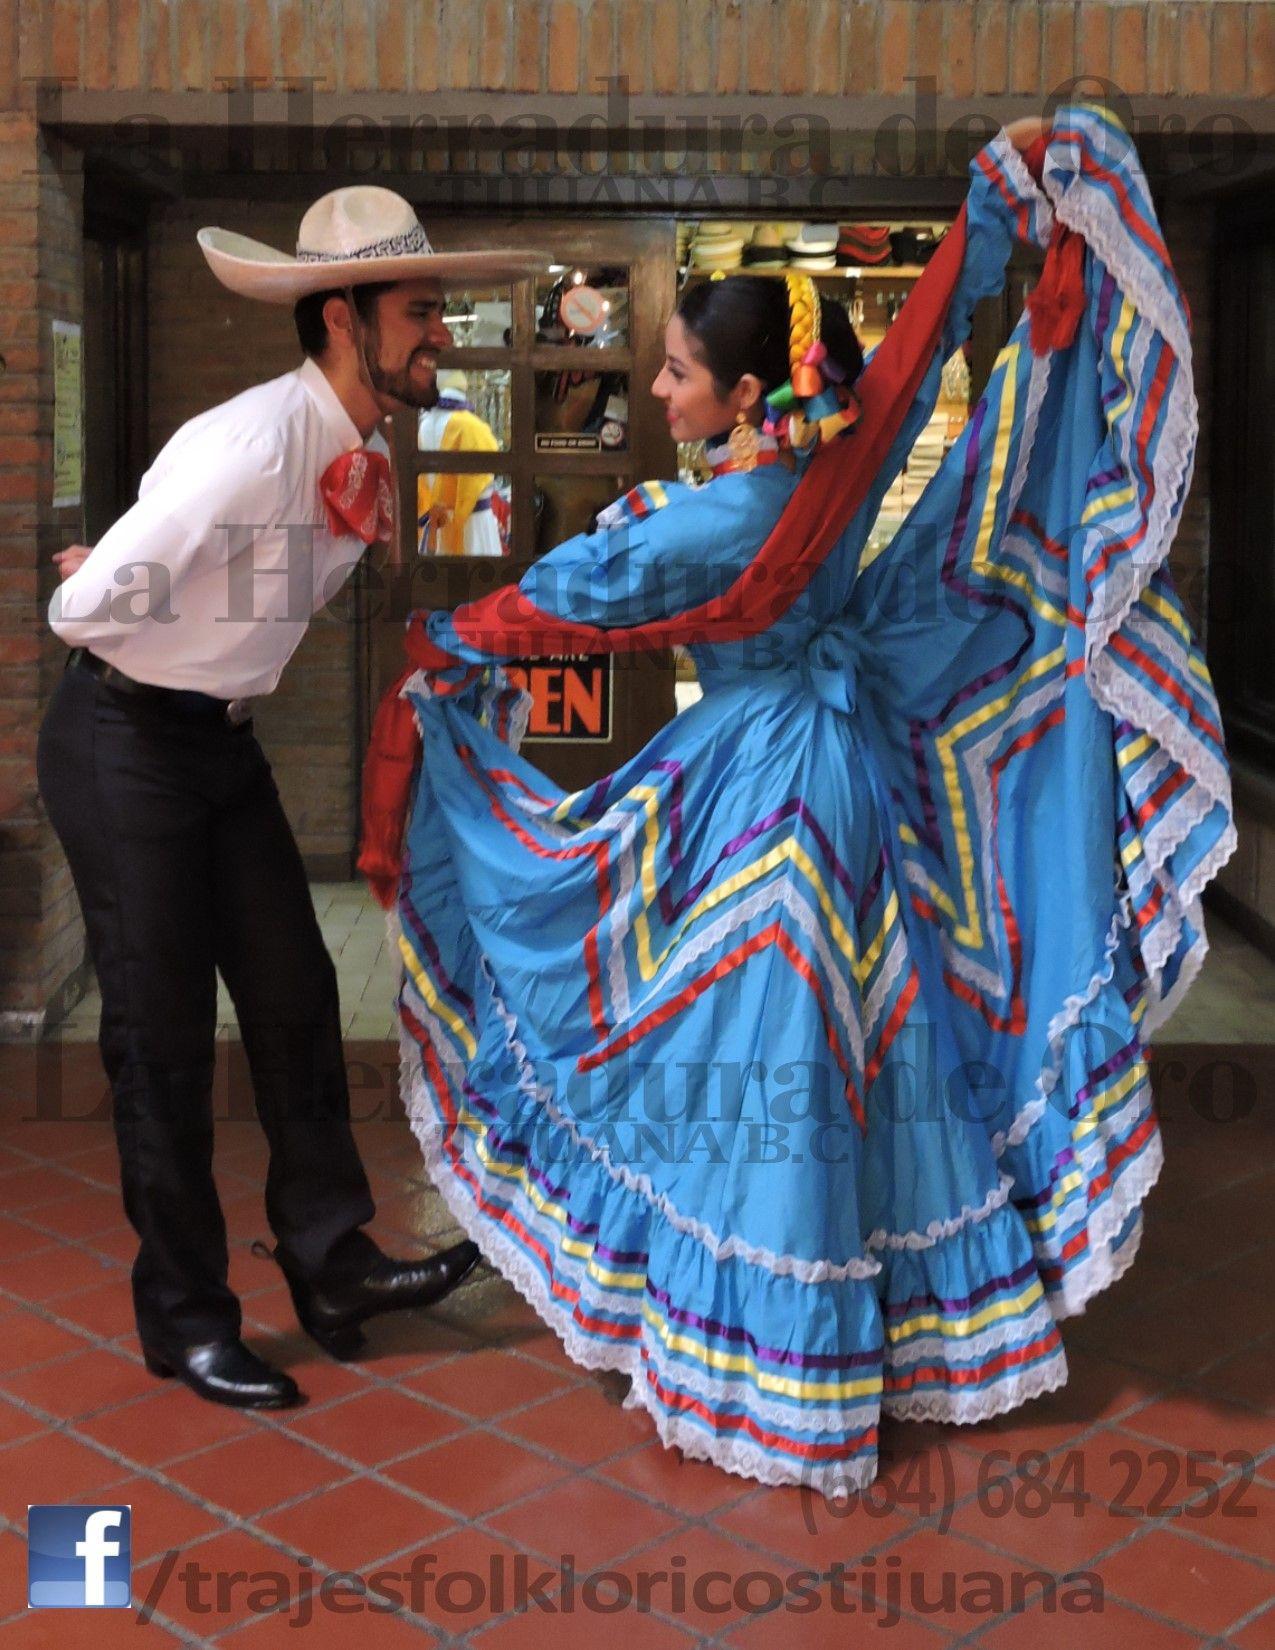 fd0f6b7b1 Vestidos Folkloricos Negros Mexicanos Tradicionales